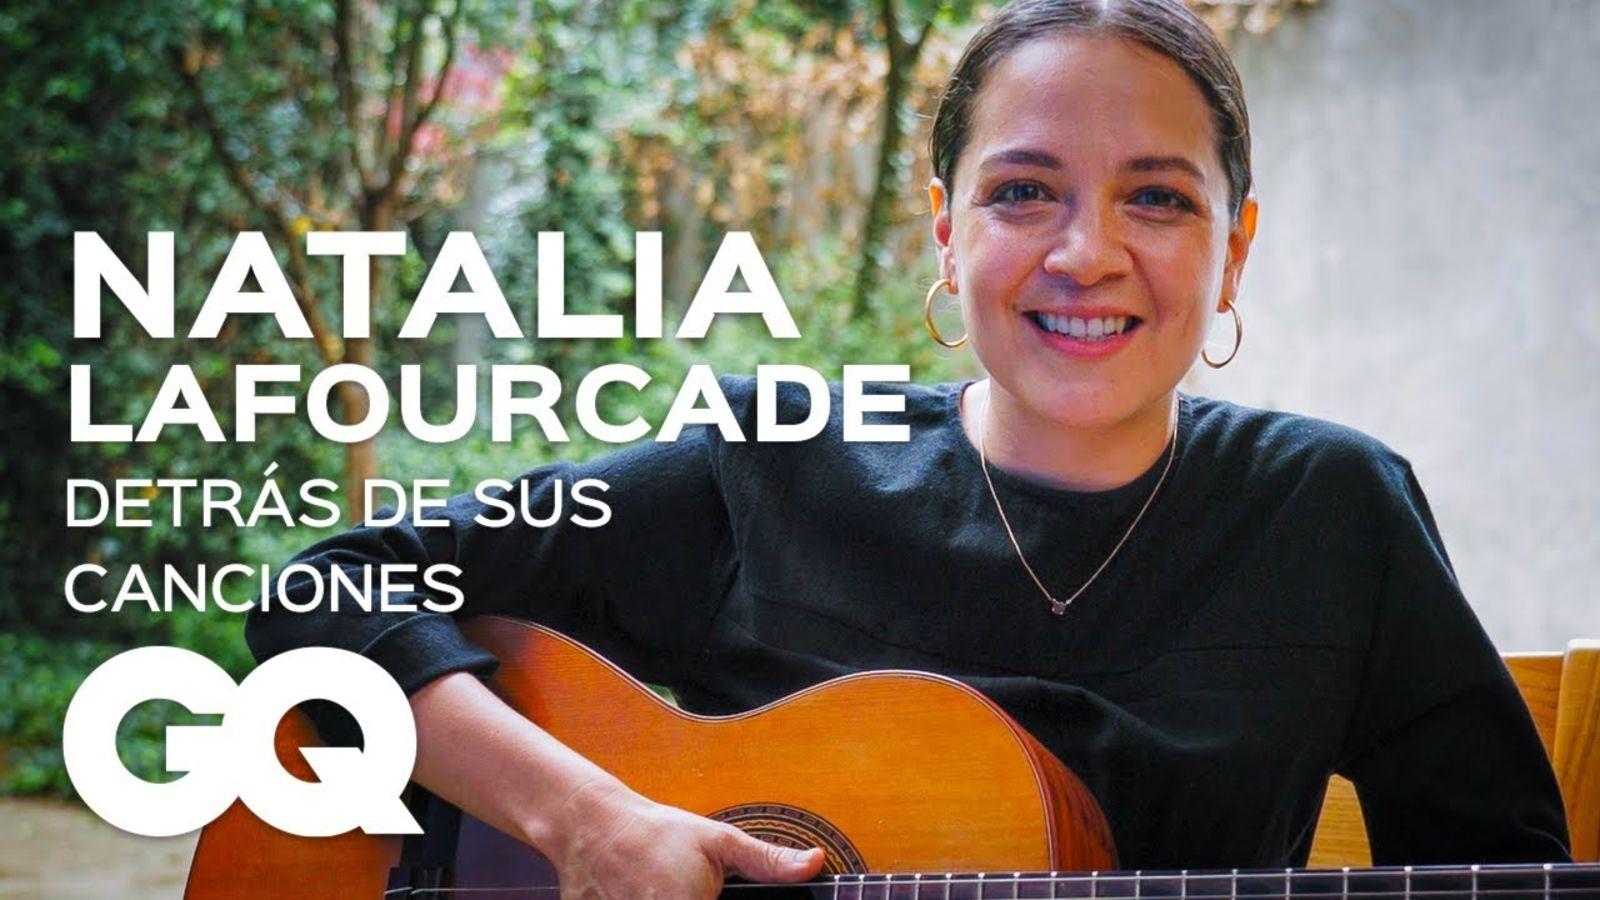 Natalia Lafourcade nos explica los procesos para componer sus mejores canciones